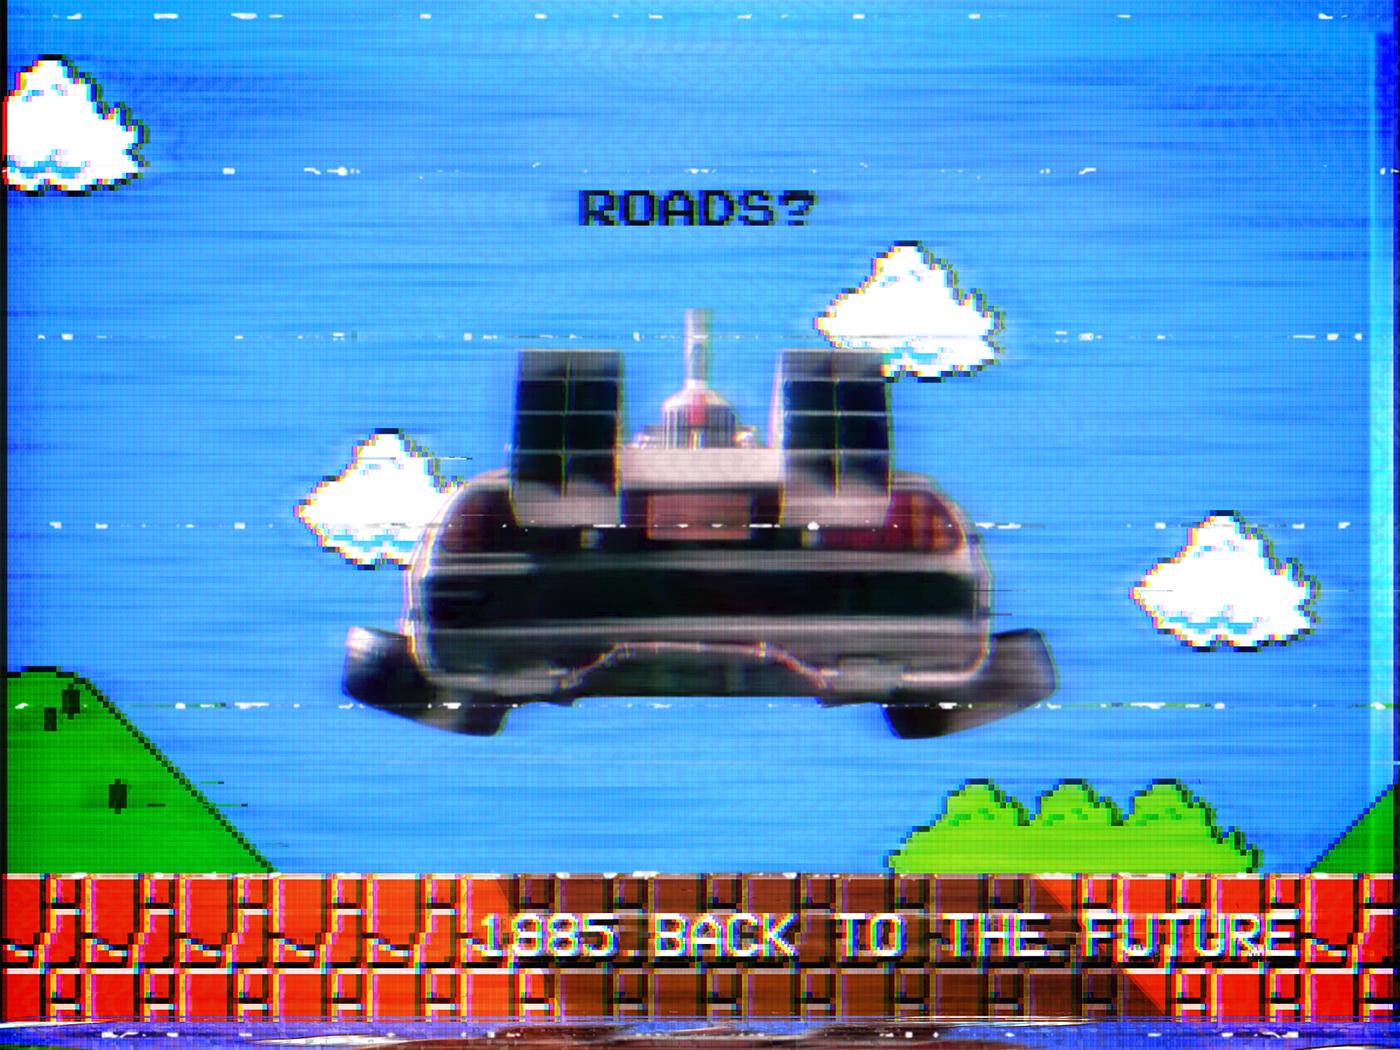 MarioBros um game com 30 anos de história